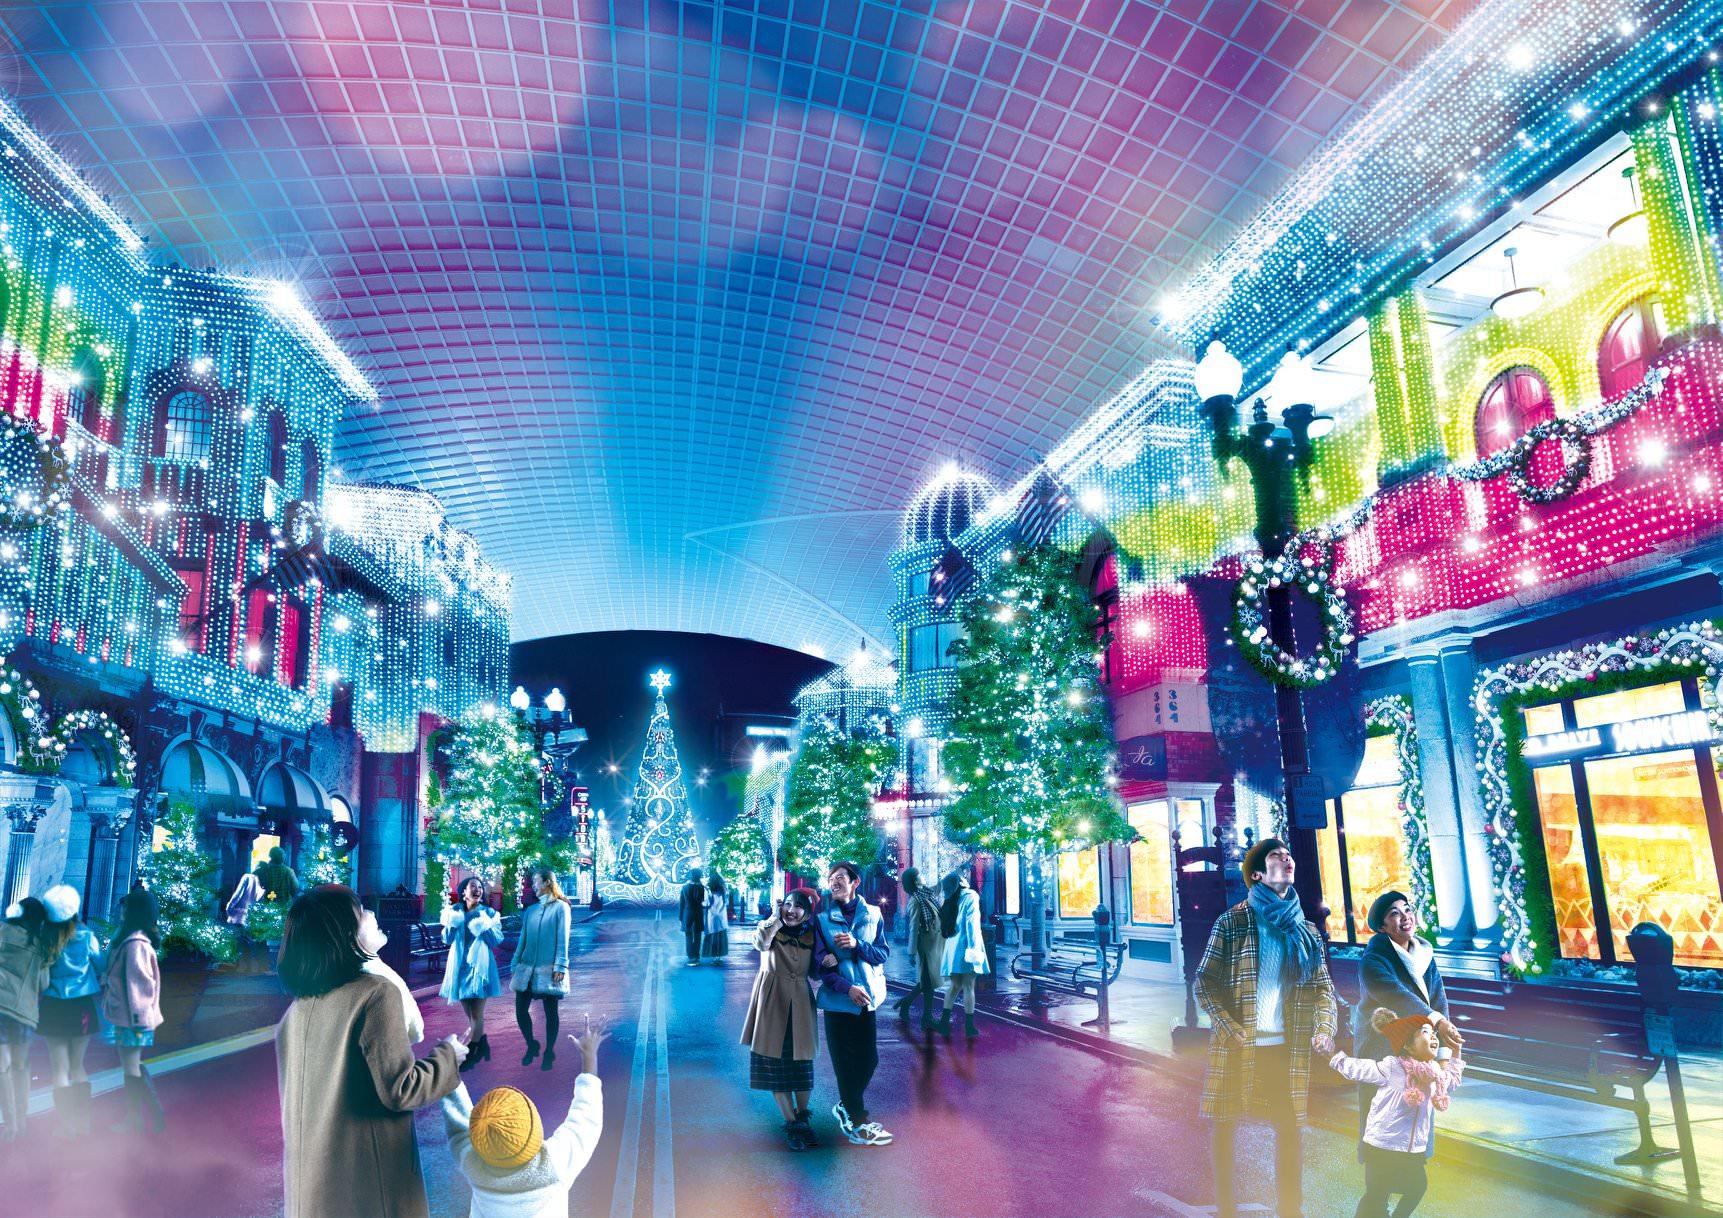 【冬季限定】2021日本大阪環球影城水晶聖誕特別活動 - threeonelee.com